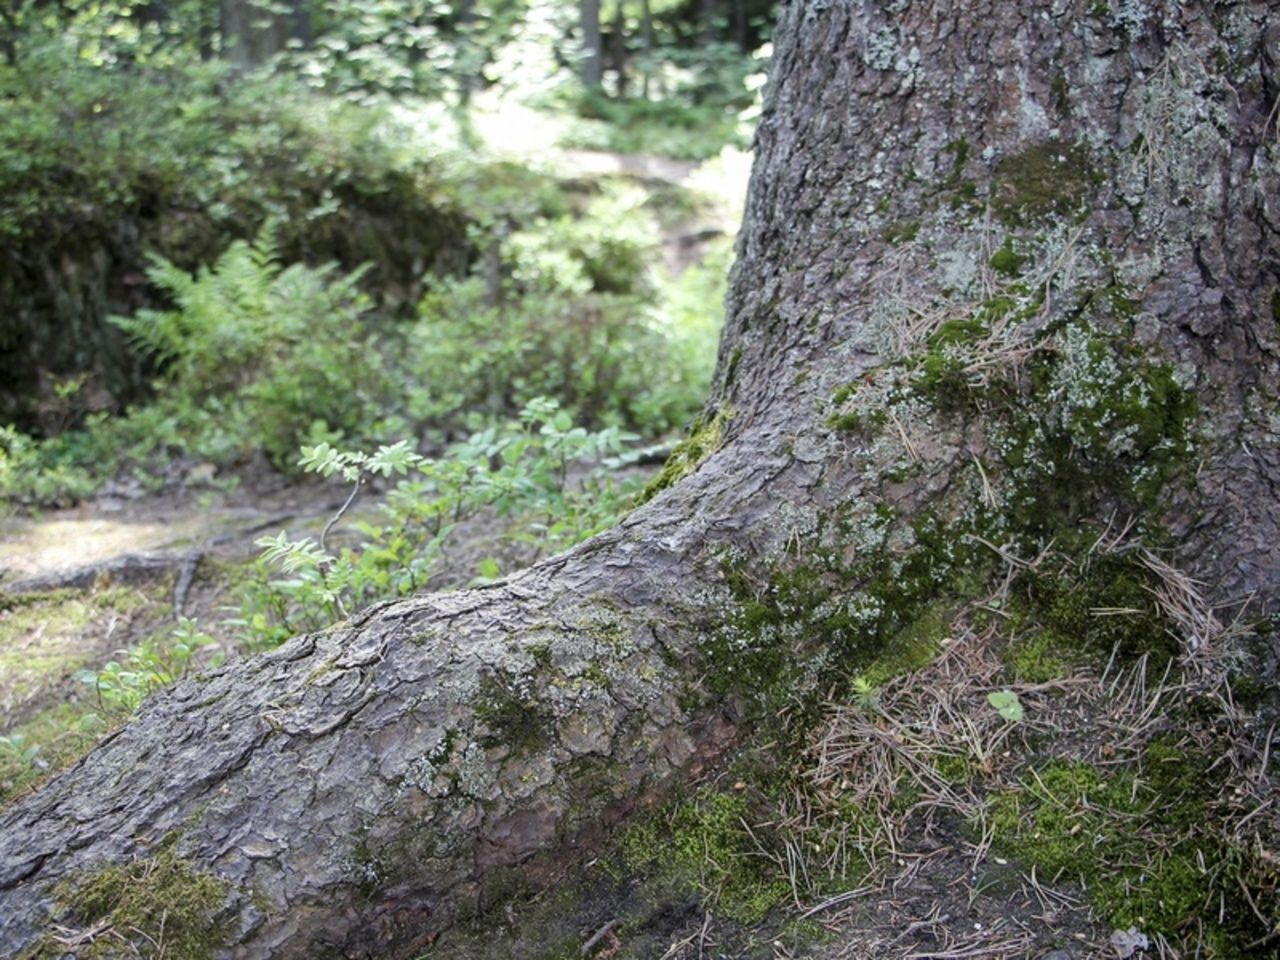 Преподавателя Финансового университета нашли мертвой в лесу в Балашихе - Росбалт